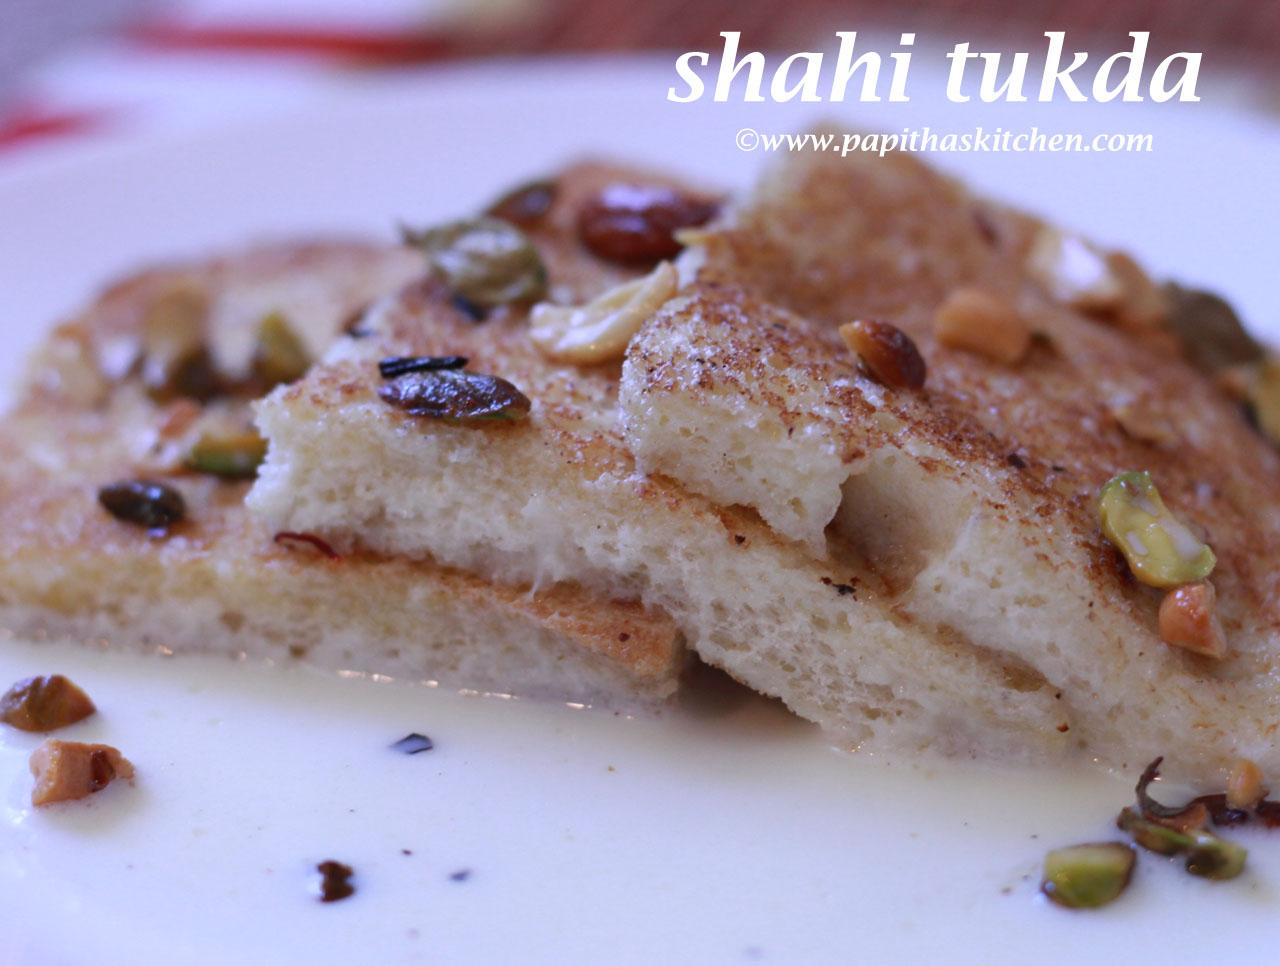 Shahi tukda 1